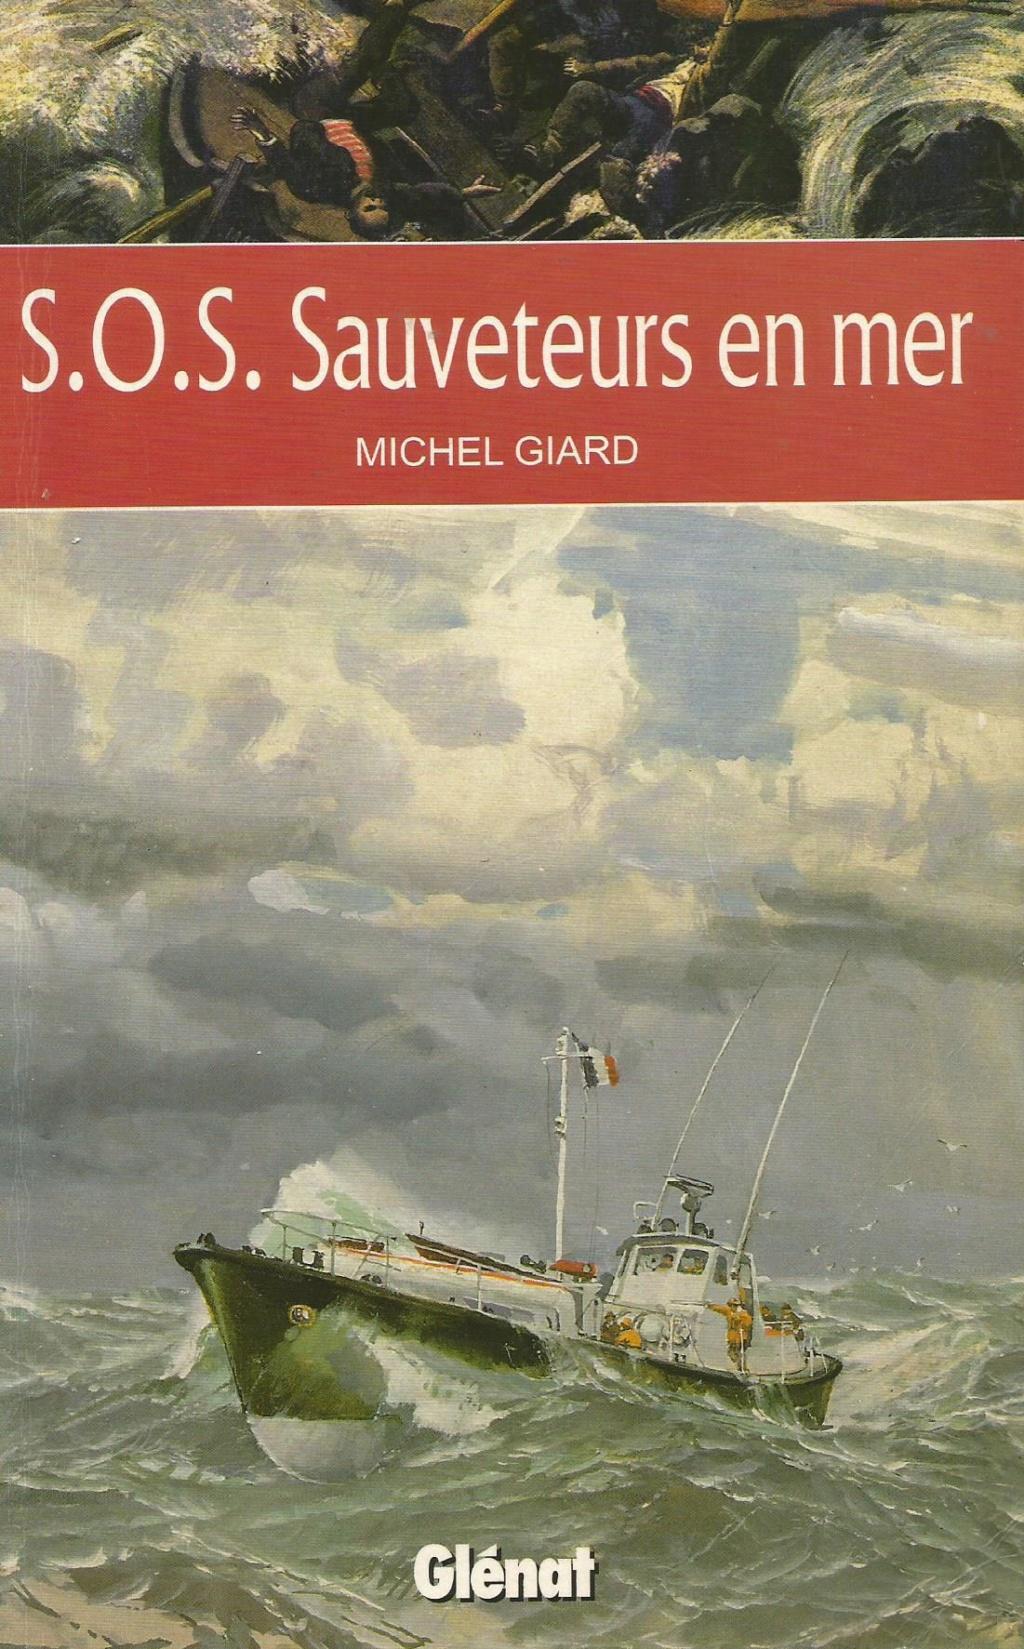 Naufrage d'un bateau de la SNSM : mort de trois sauveteurs Snsm_411